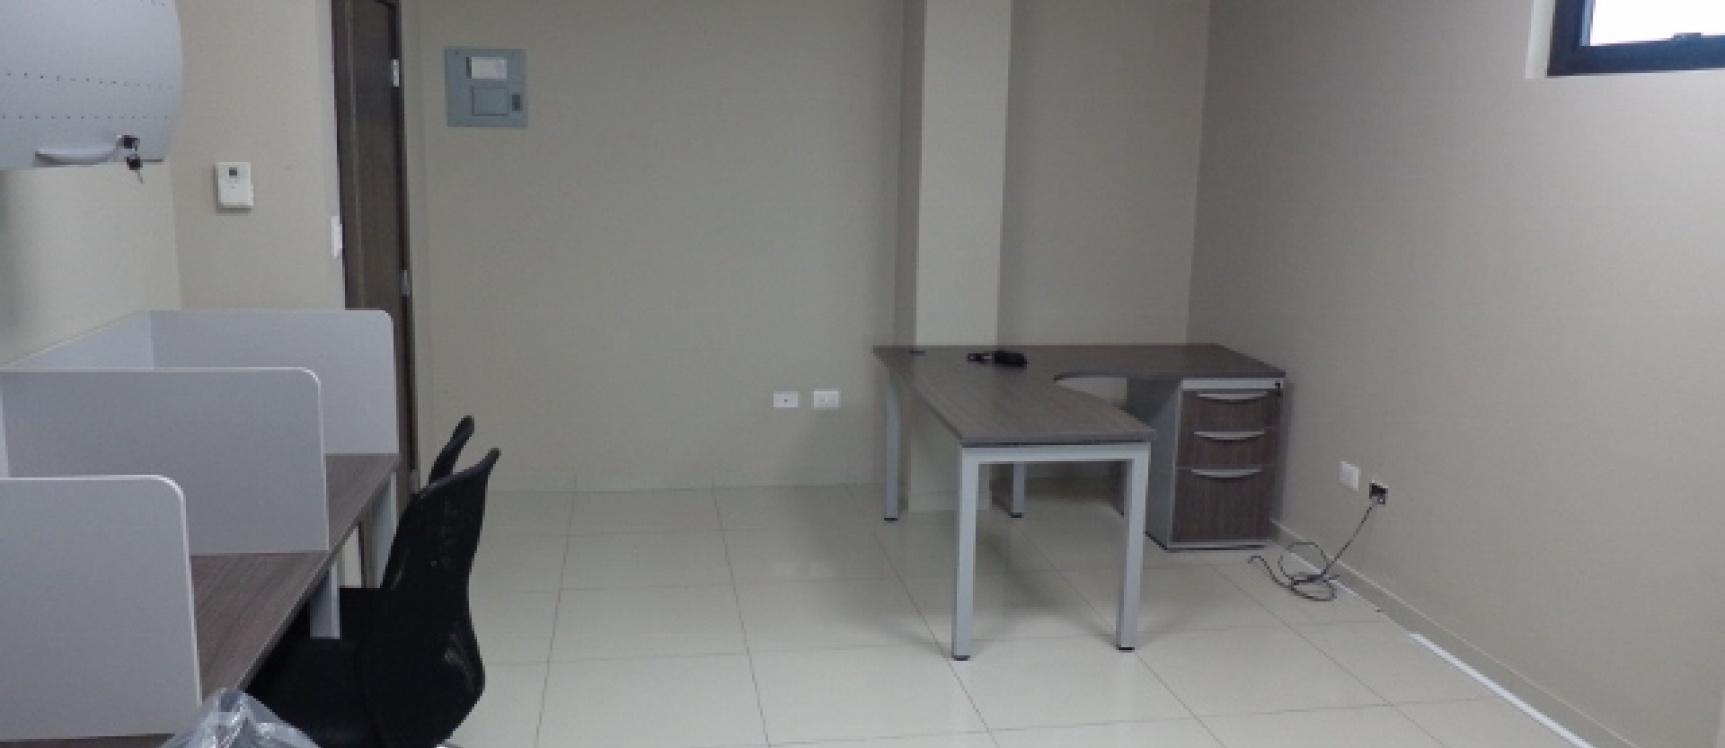 GeoBienes - Oficina en Alquiler en El Norte de Guayaquil, Sector Garzota - Plusvalia Guayaquil Casas de venta y alquiler Inmobiliaria Ecuador